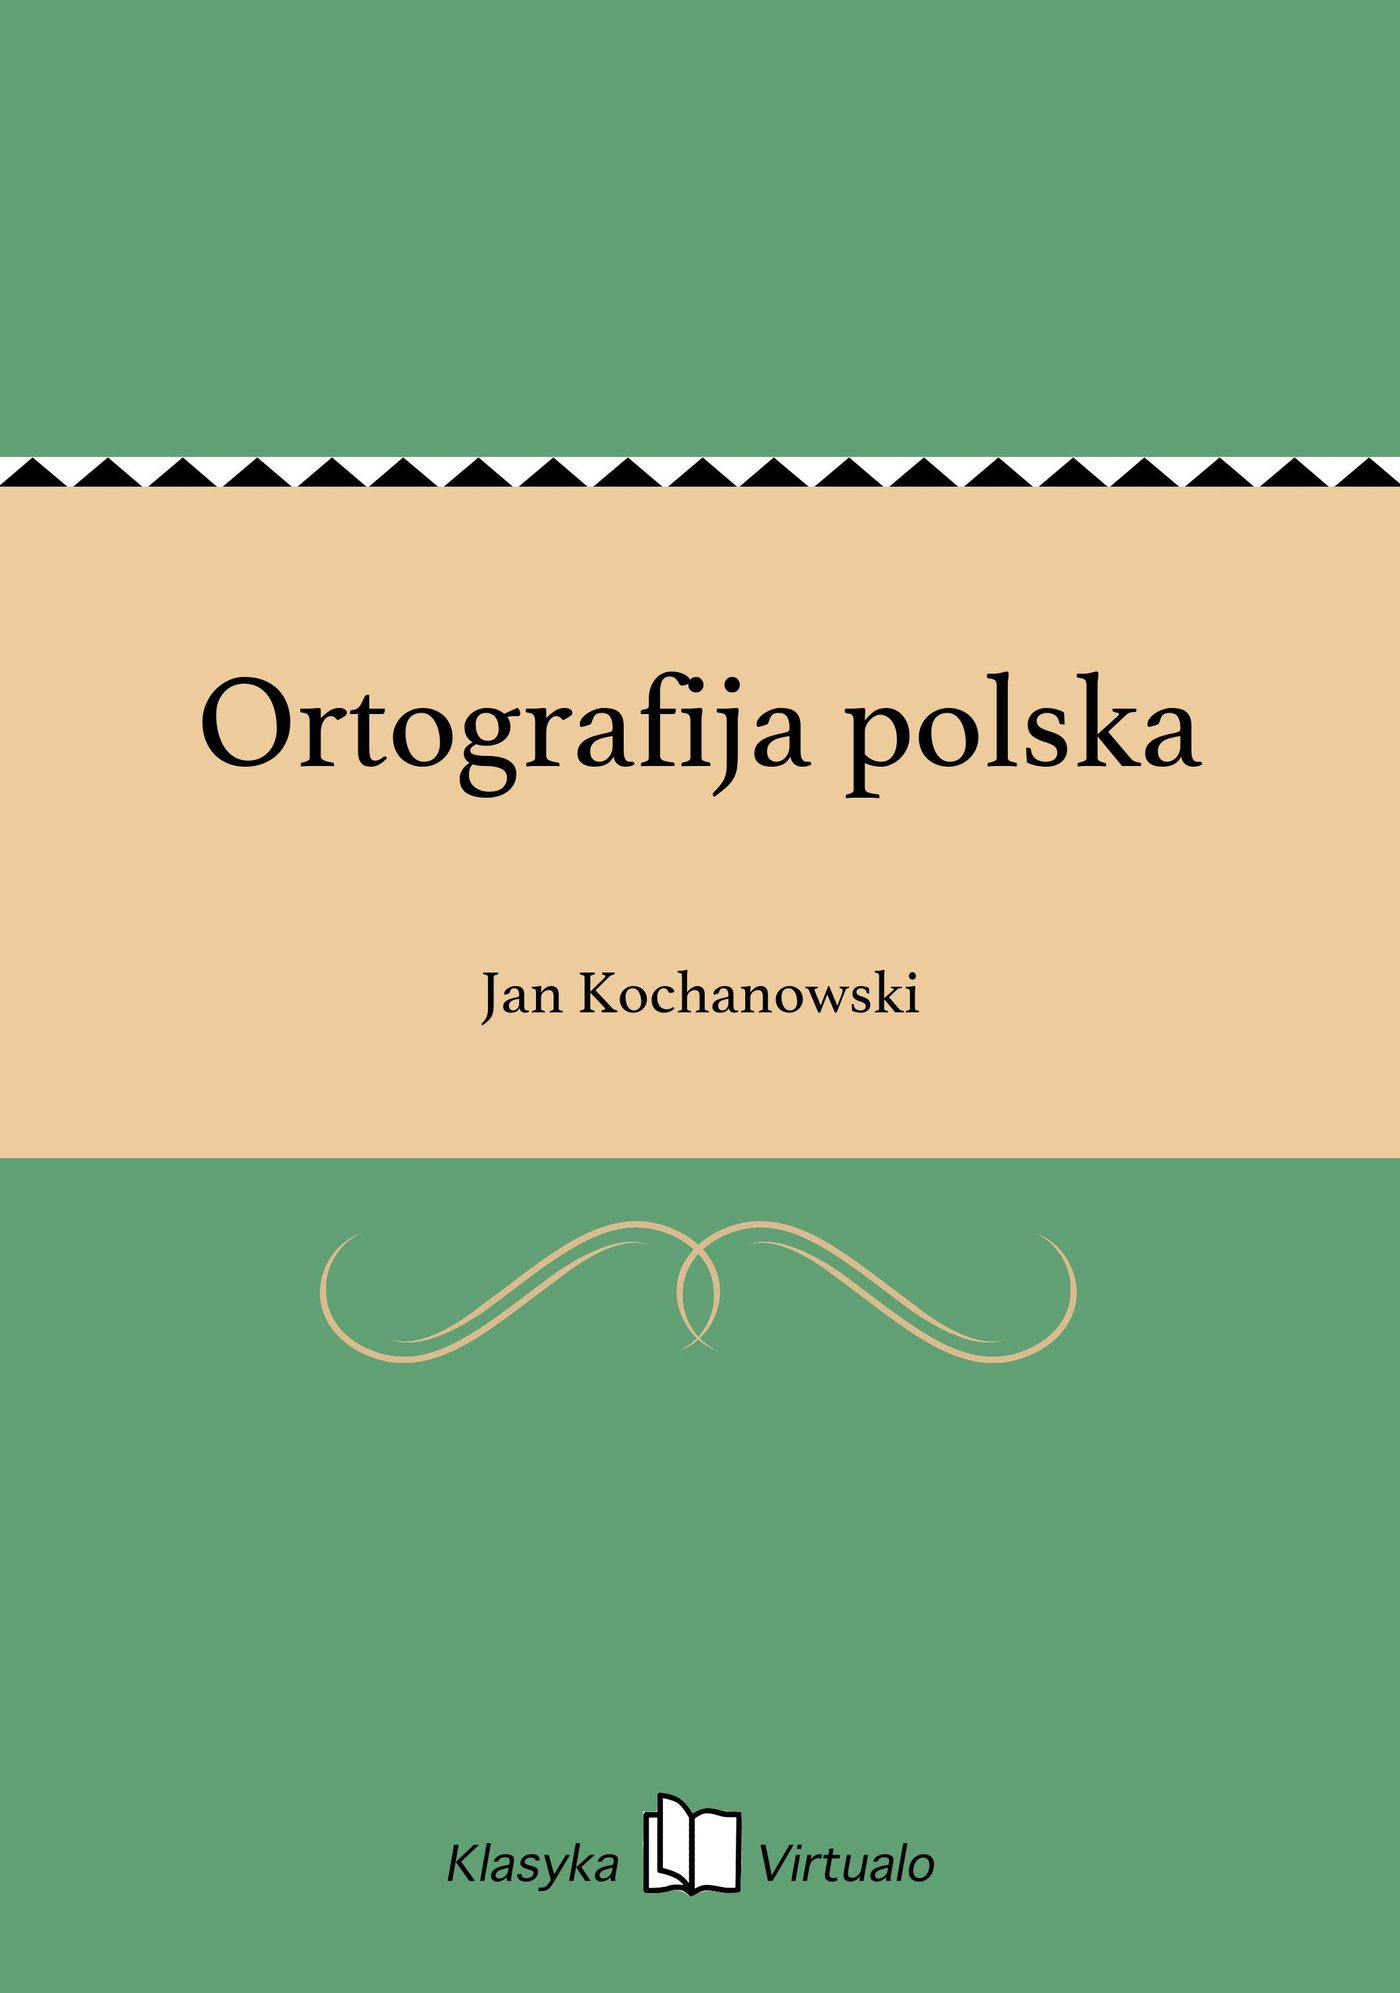 Ortografija polska - Ebook (Książka EPUB) do pobrania w formacie EPUB